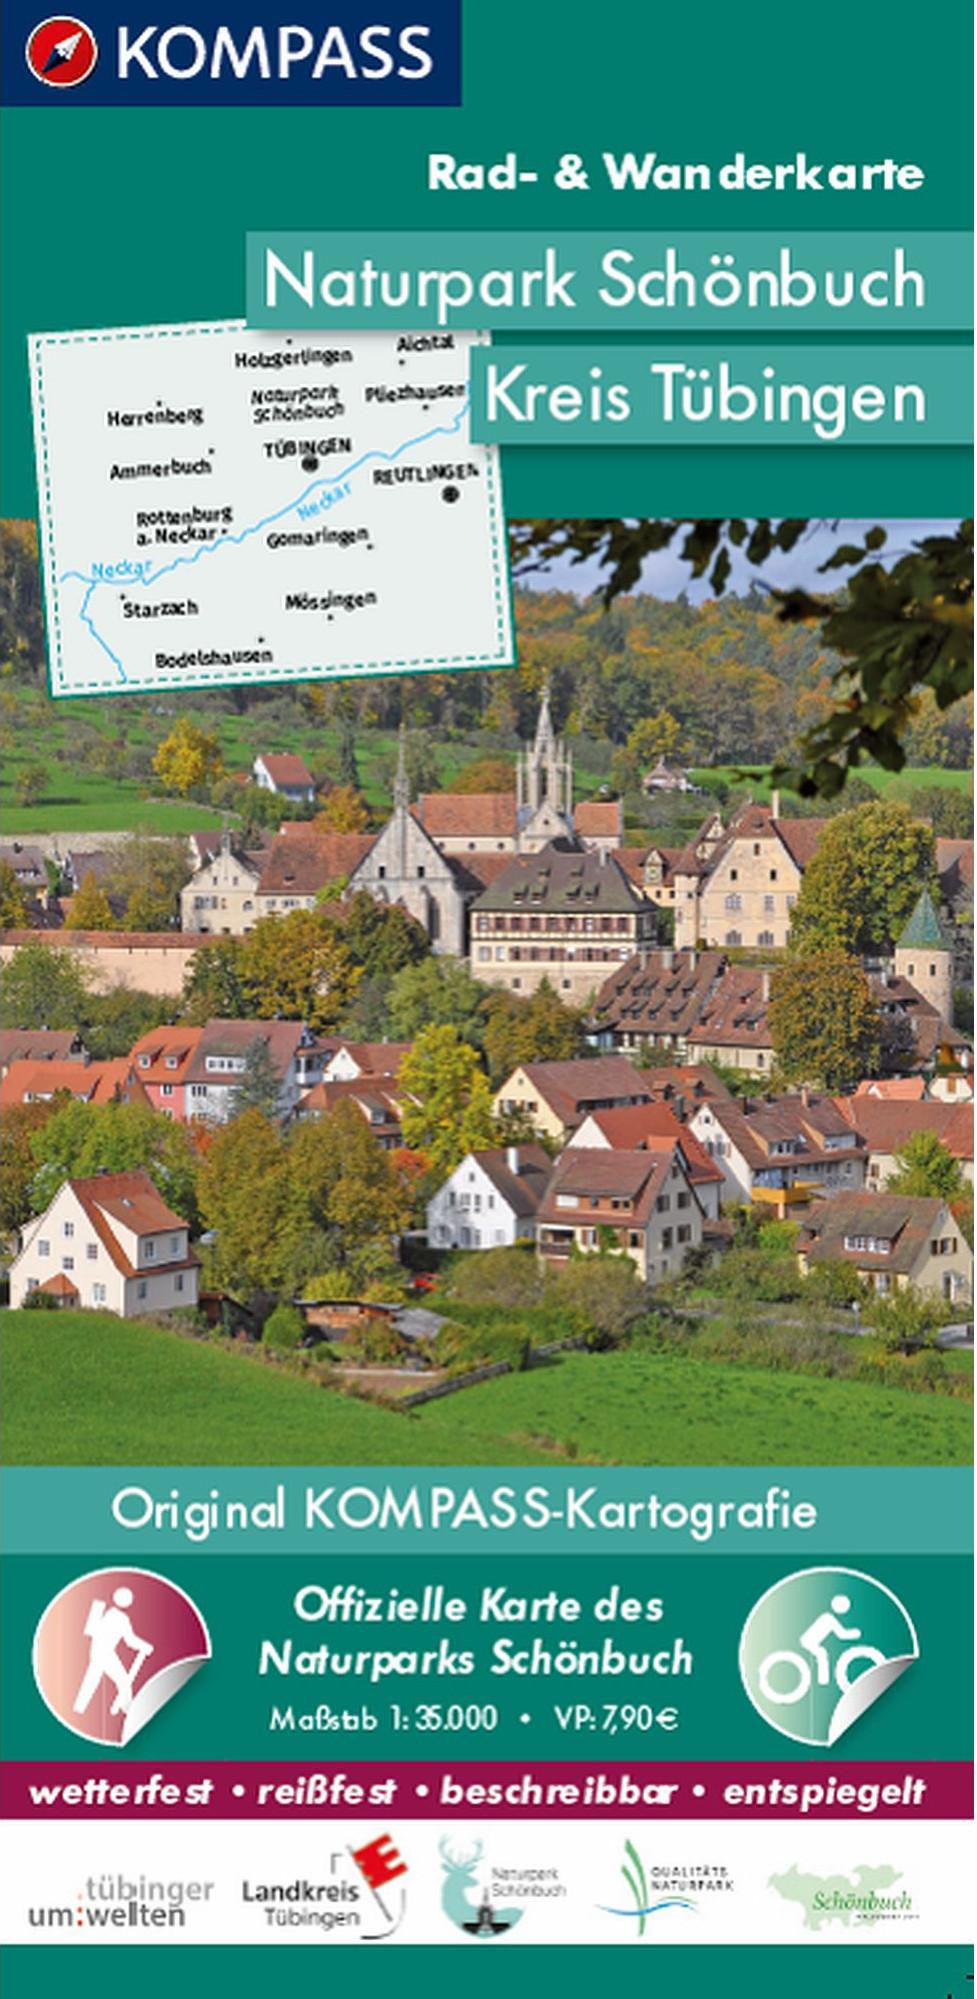 Naturpark Schönbuch/Kreis Tübingen